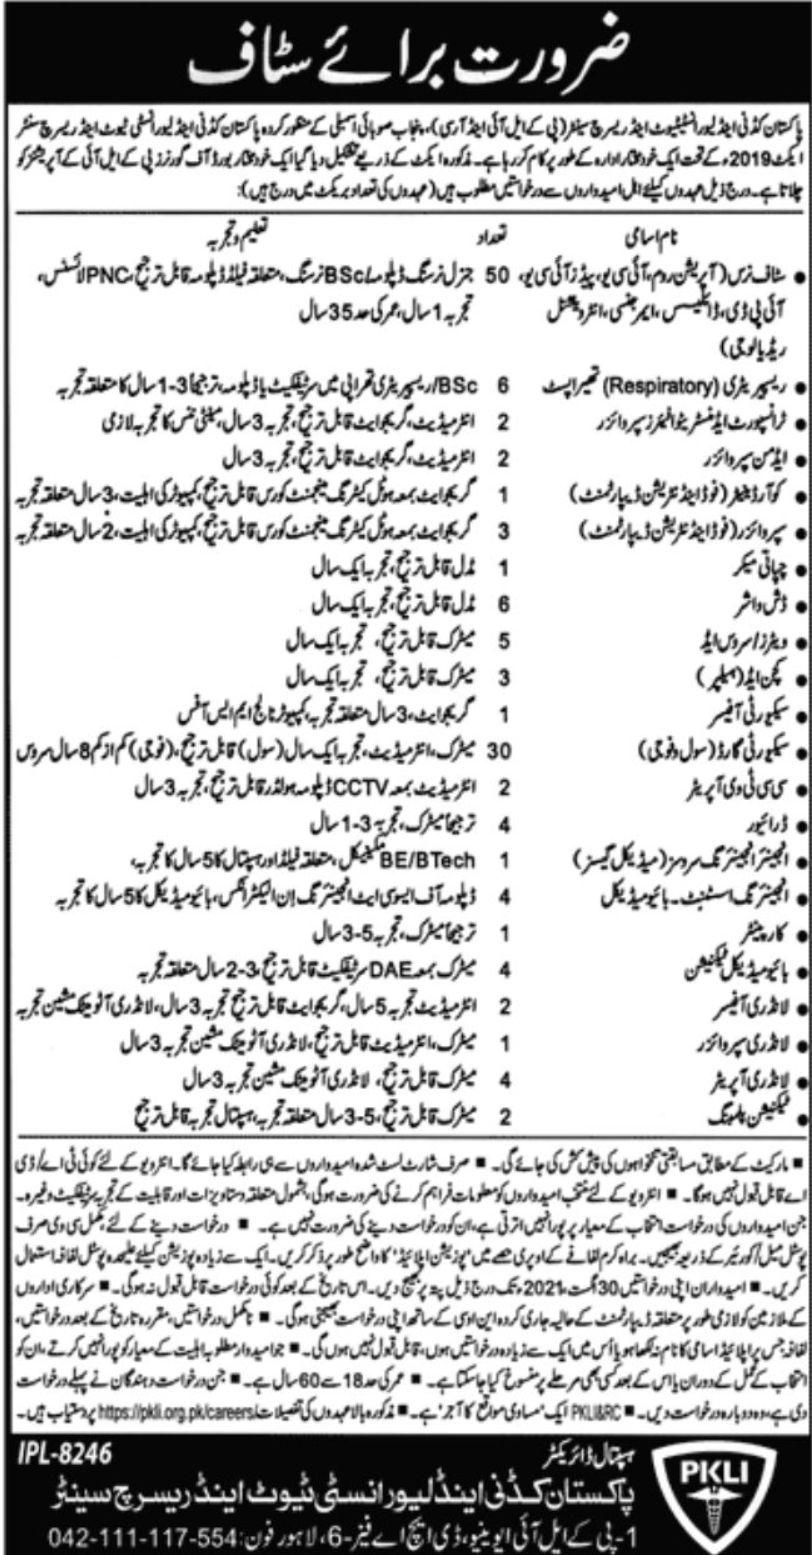 Pakistan Kidney & Liver Institute Vacancies 2021 2